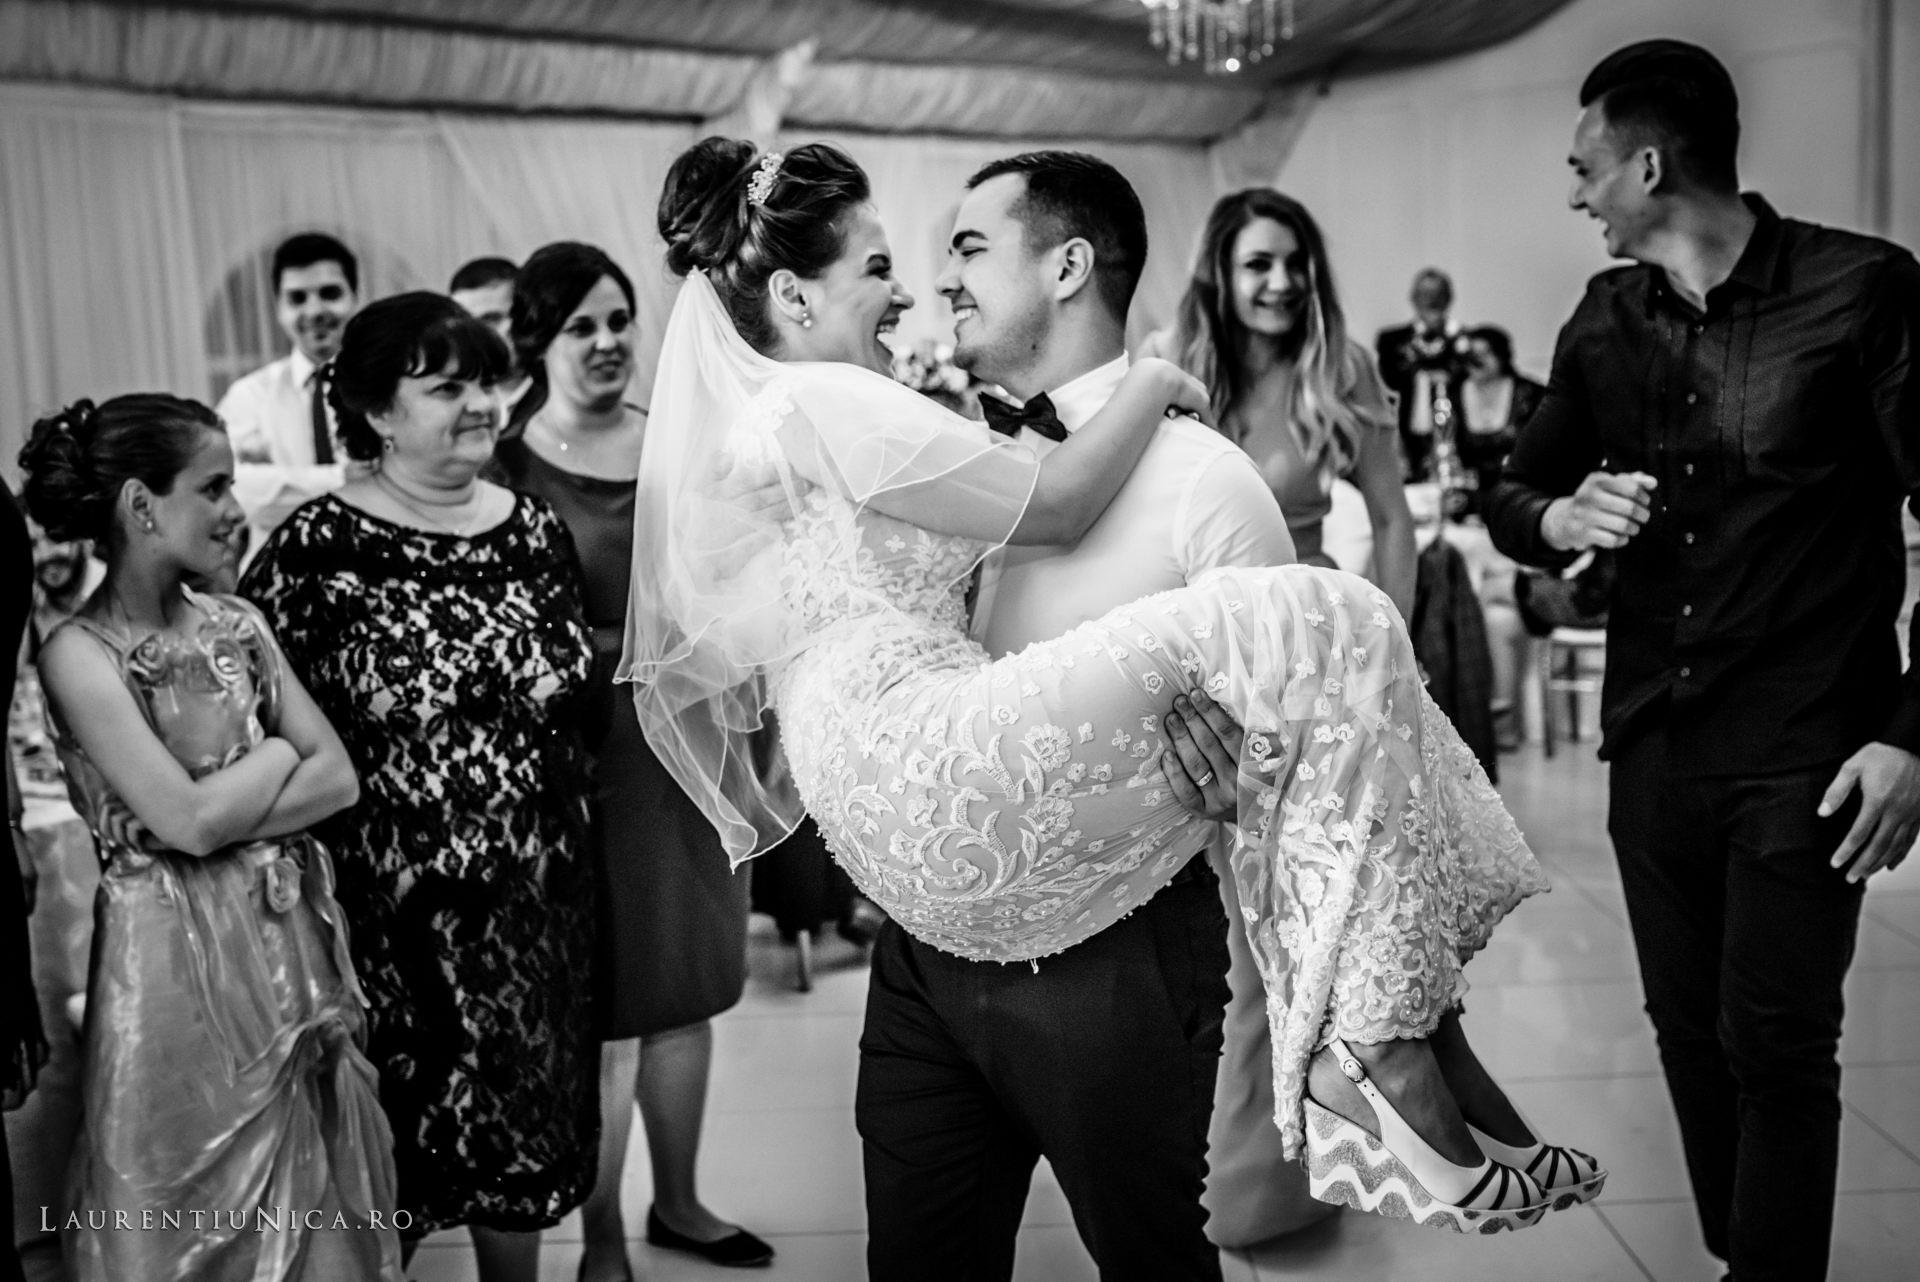 denisa si catalin fotograf nunta laurentiu nica craiova 82 - Denisa si Catalin | Fotografii nunta | Craiova